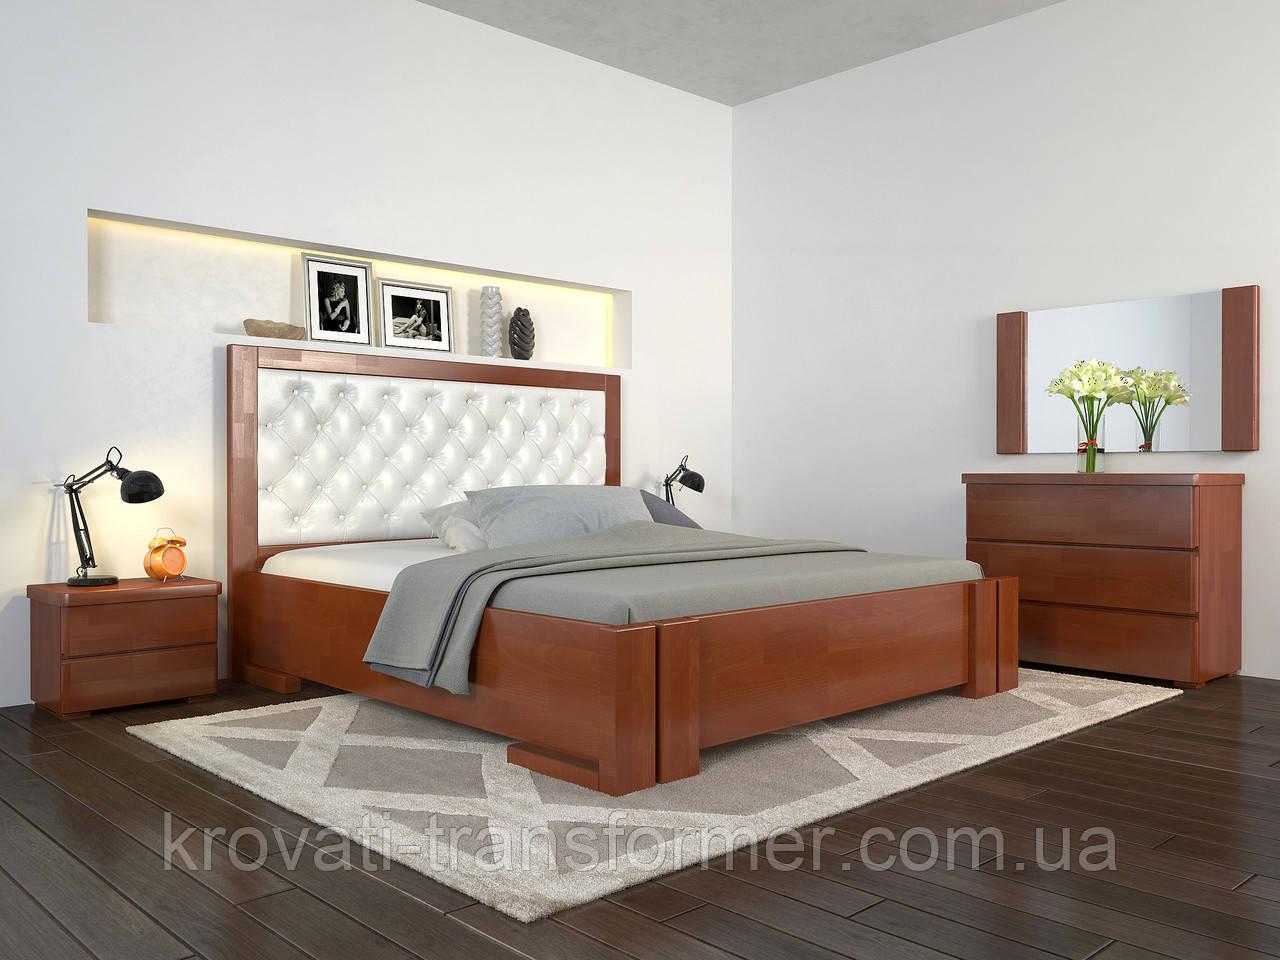 Кровать Arbordrev Амбер ромбы без ПМ (120*190) бук